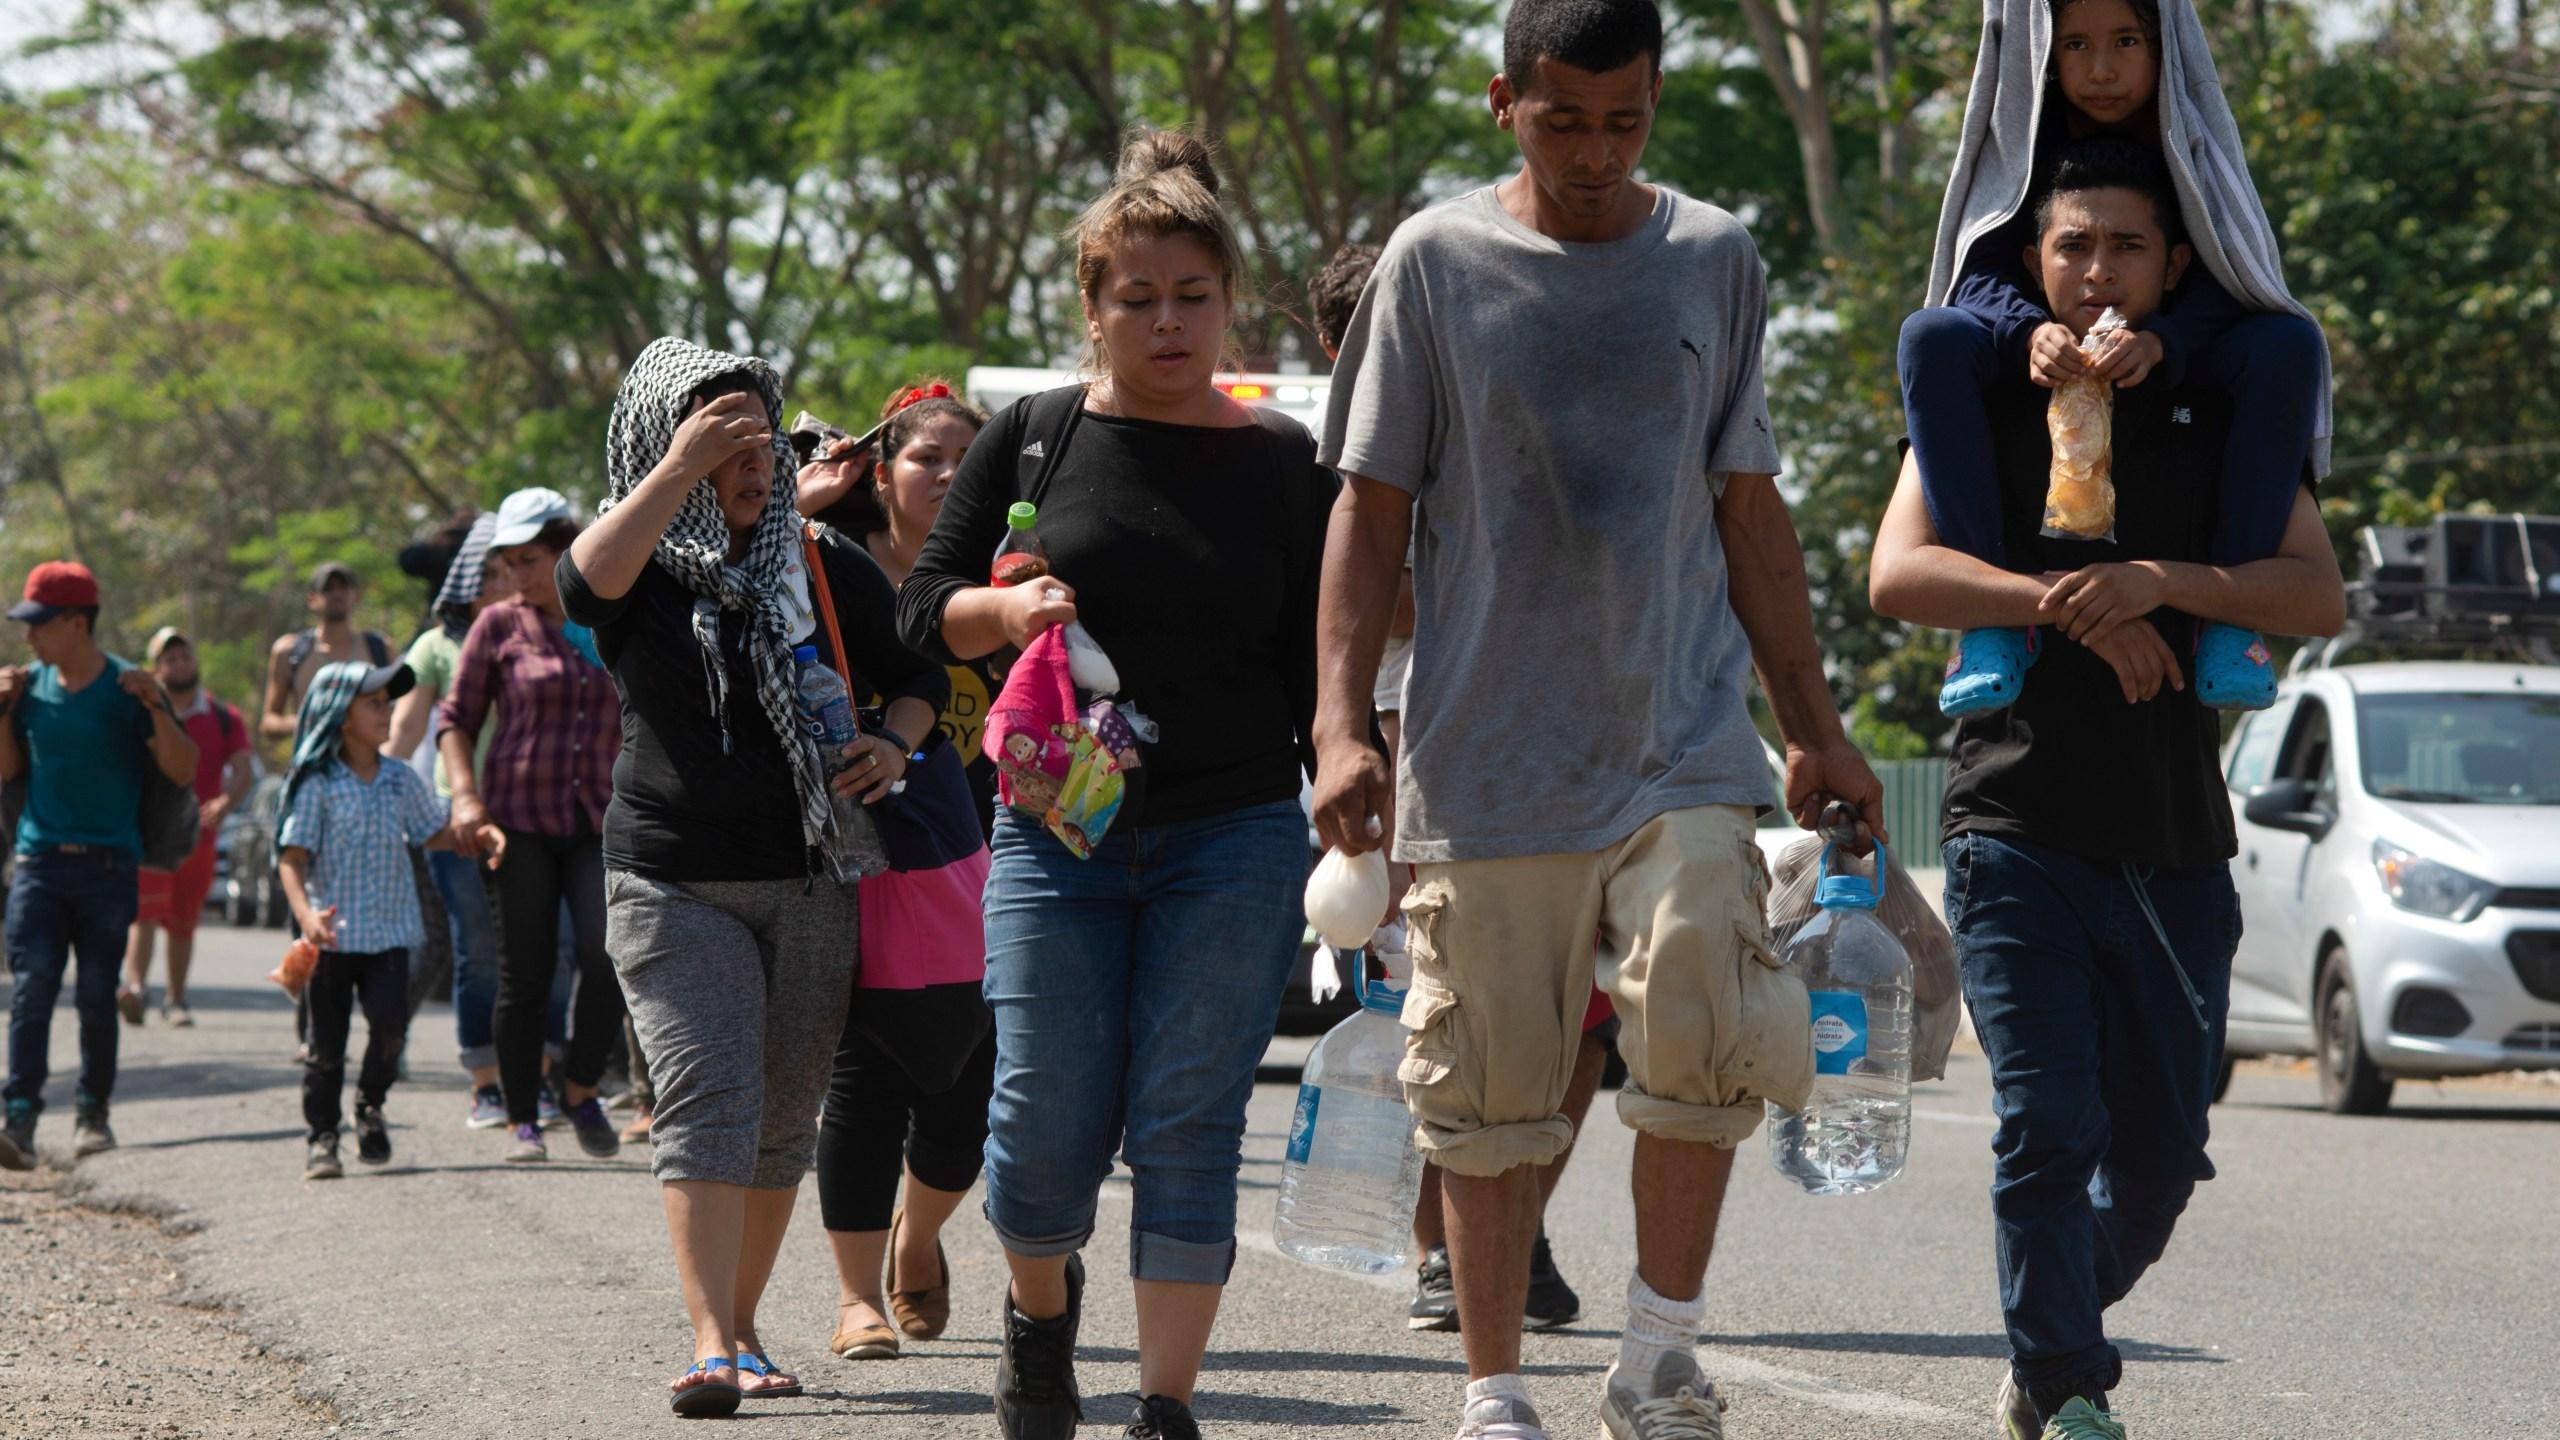 Mexico_Migrant_Caravan_58123-159532.jpg91190348